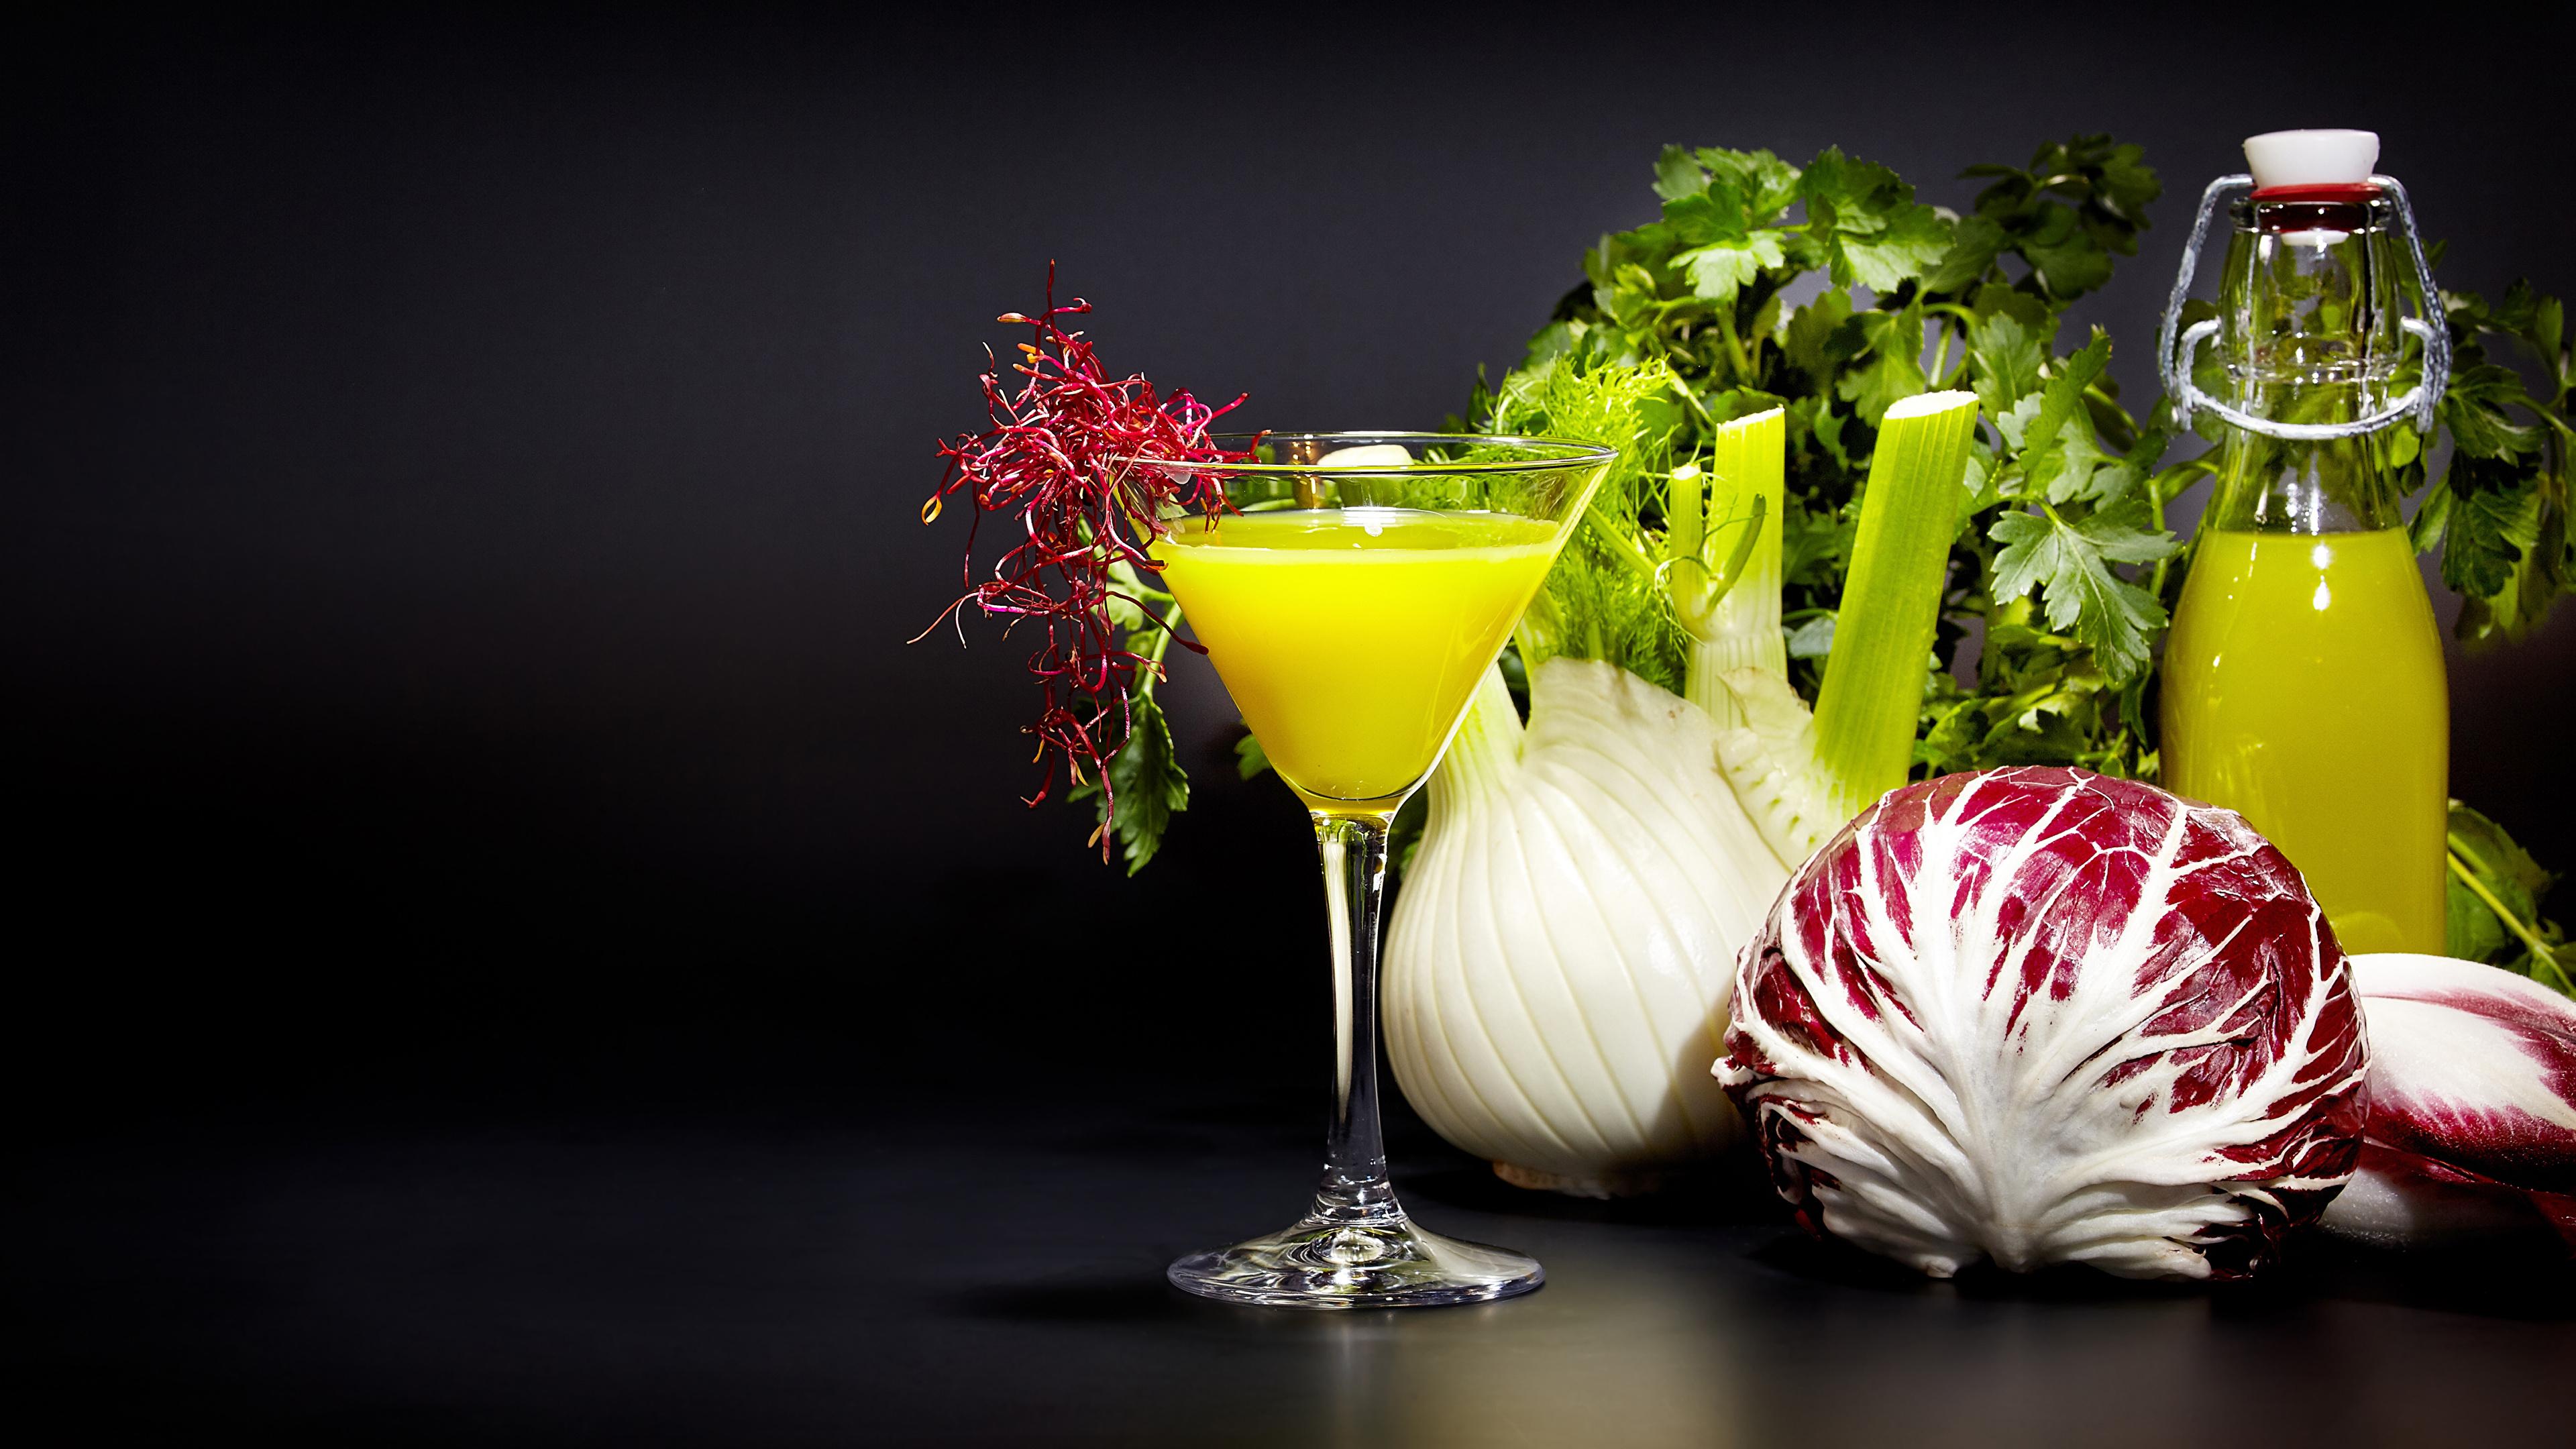 Foto Saft Gemüse flaschen Weinglas Lebensmittel 3840x2160 Fruchtsaft Flasche